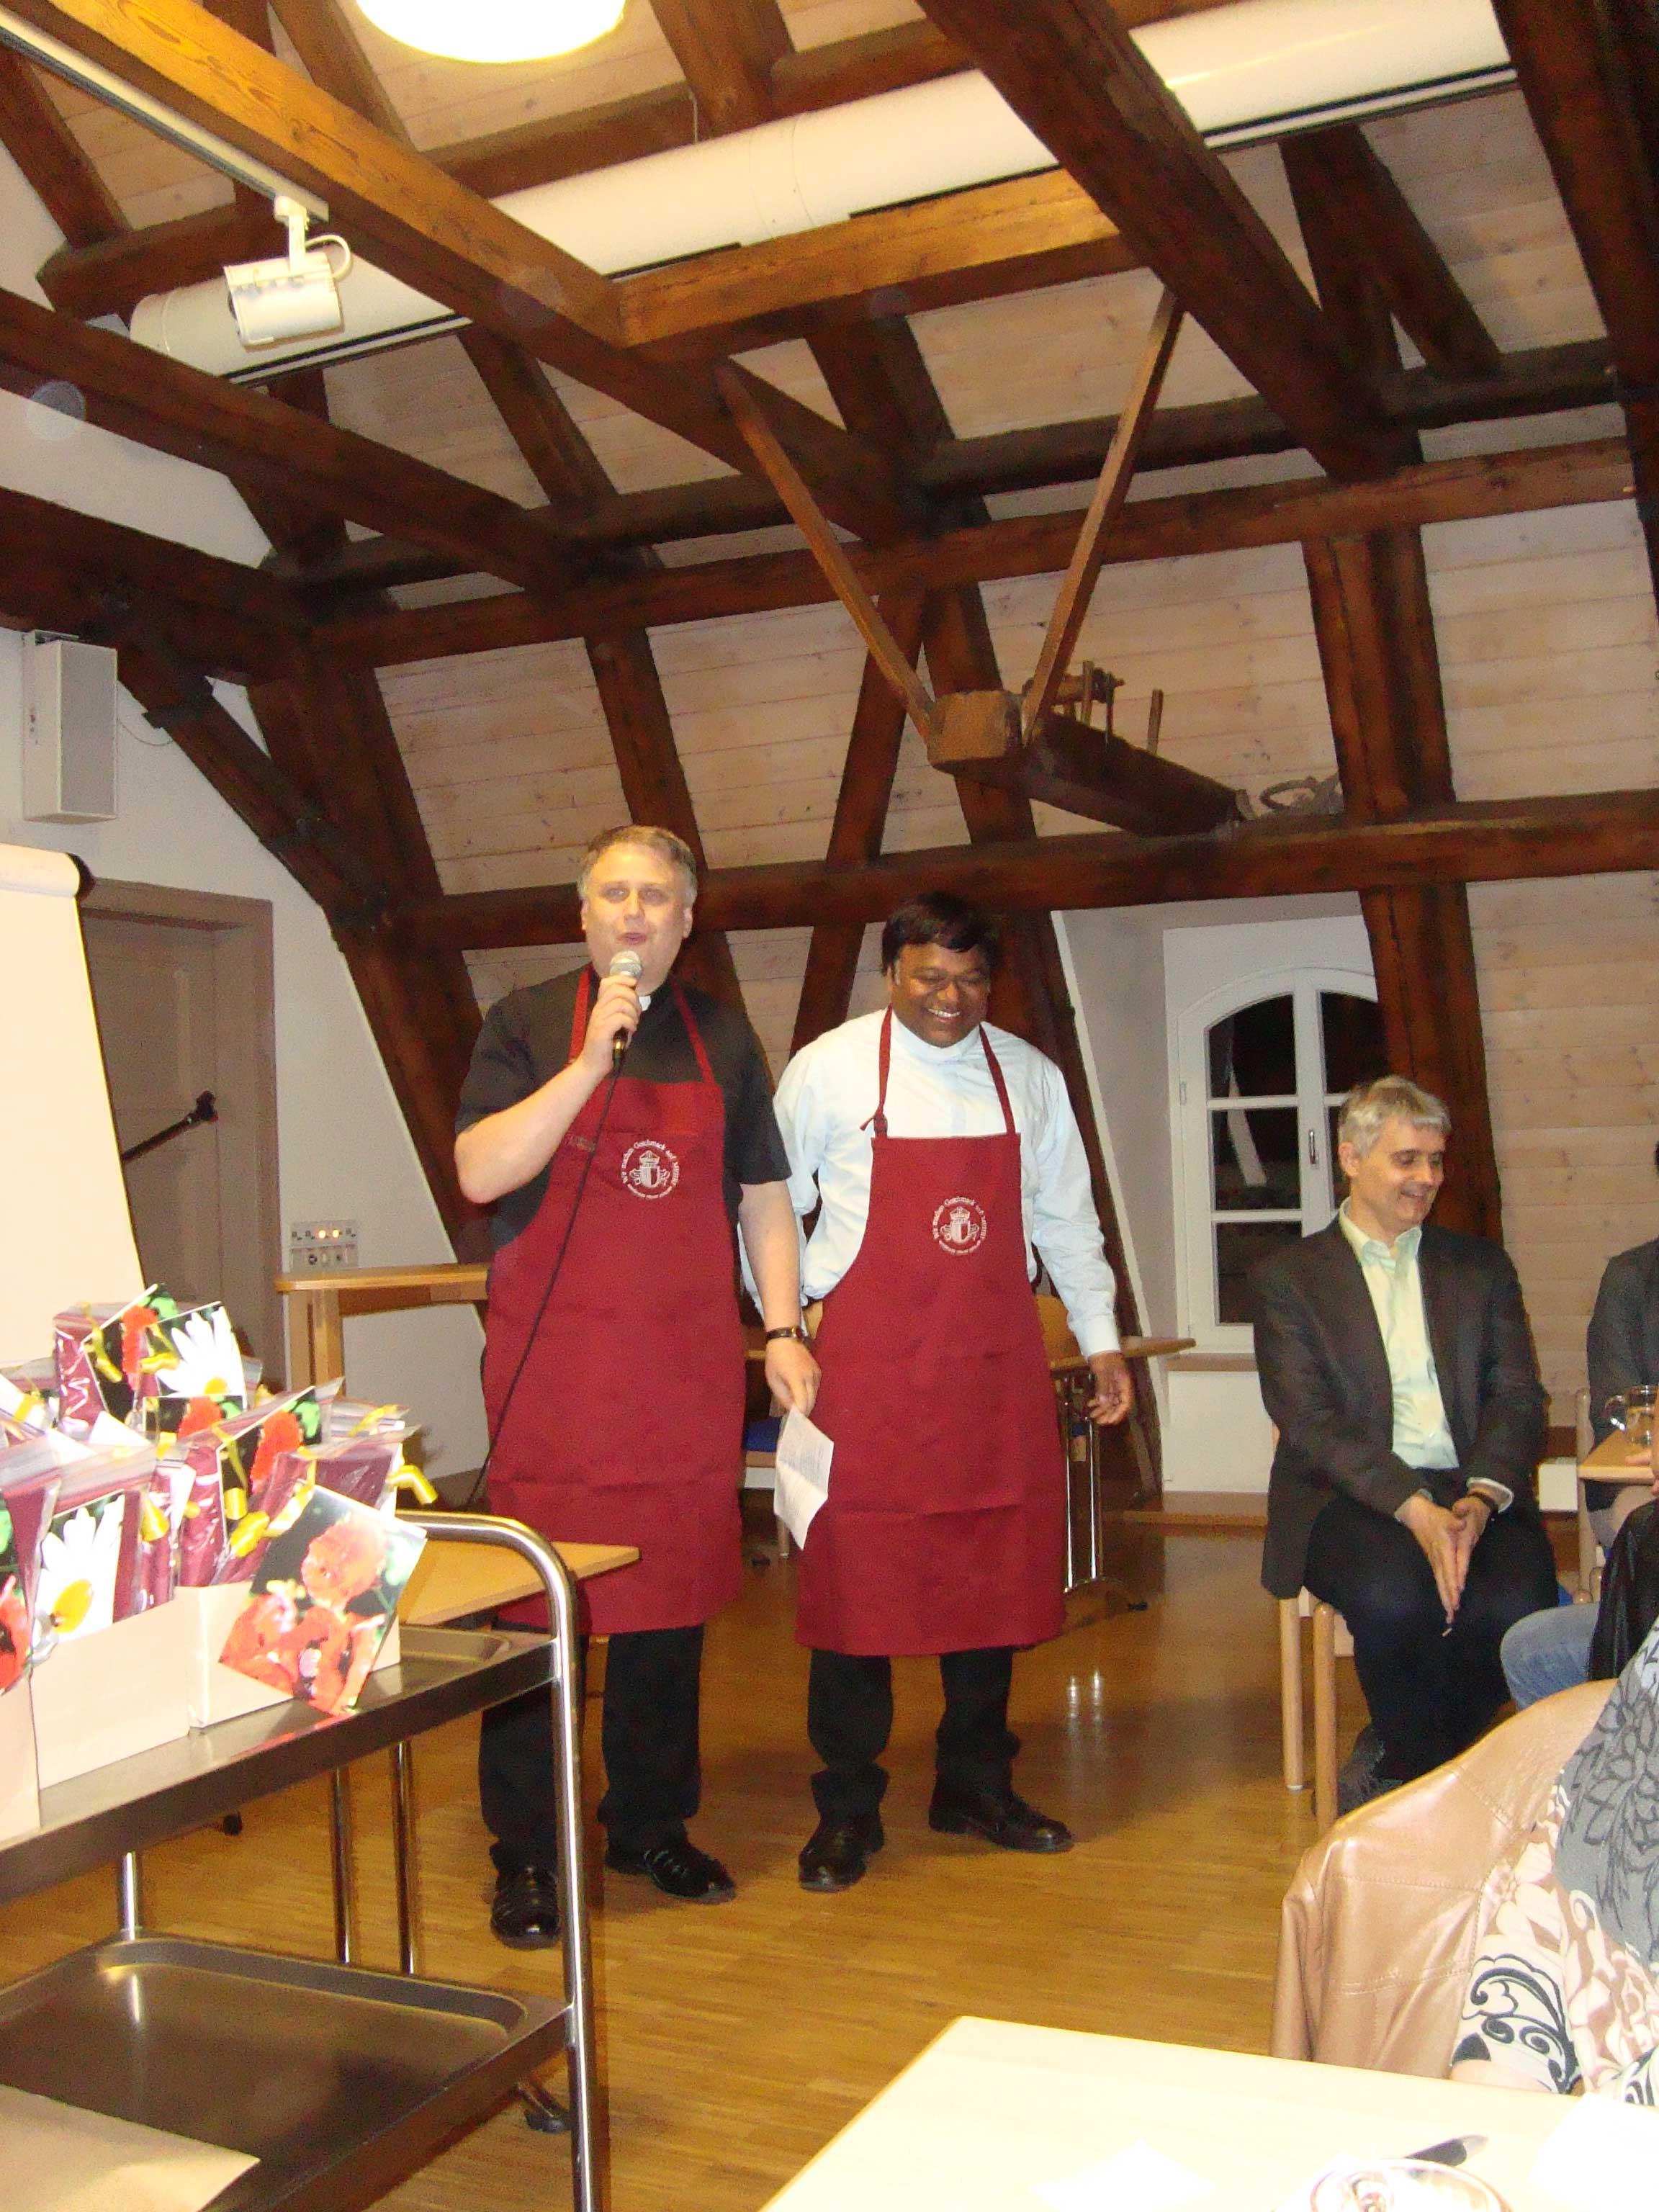 """BU """"Dekan und Prodekan mit Schürzen"""": Dekan Andreas Straub und Prodekan Eli Fernandes (von links) bedankten sich mit einem heiteren Beitrag und Grillschürzen bei den Dekanatsräten der vergangenen Wahlperiode."""